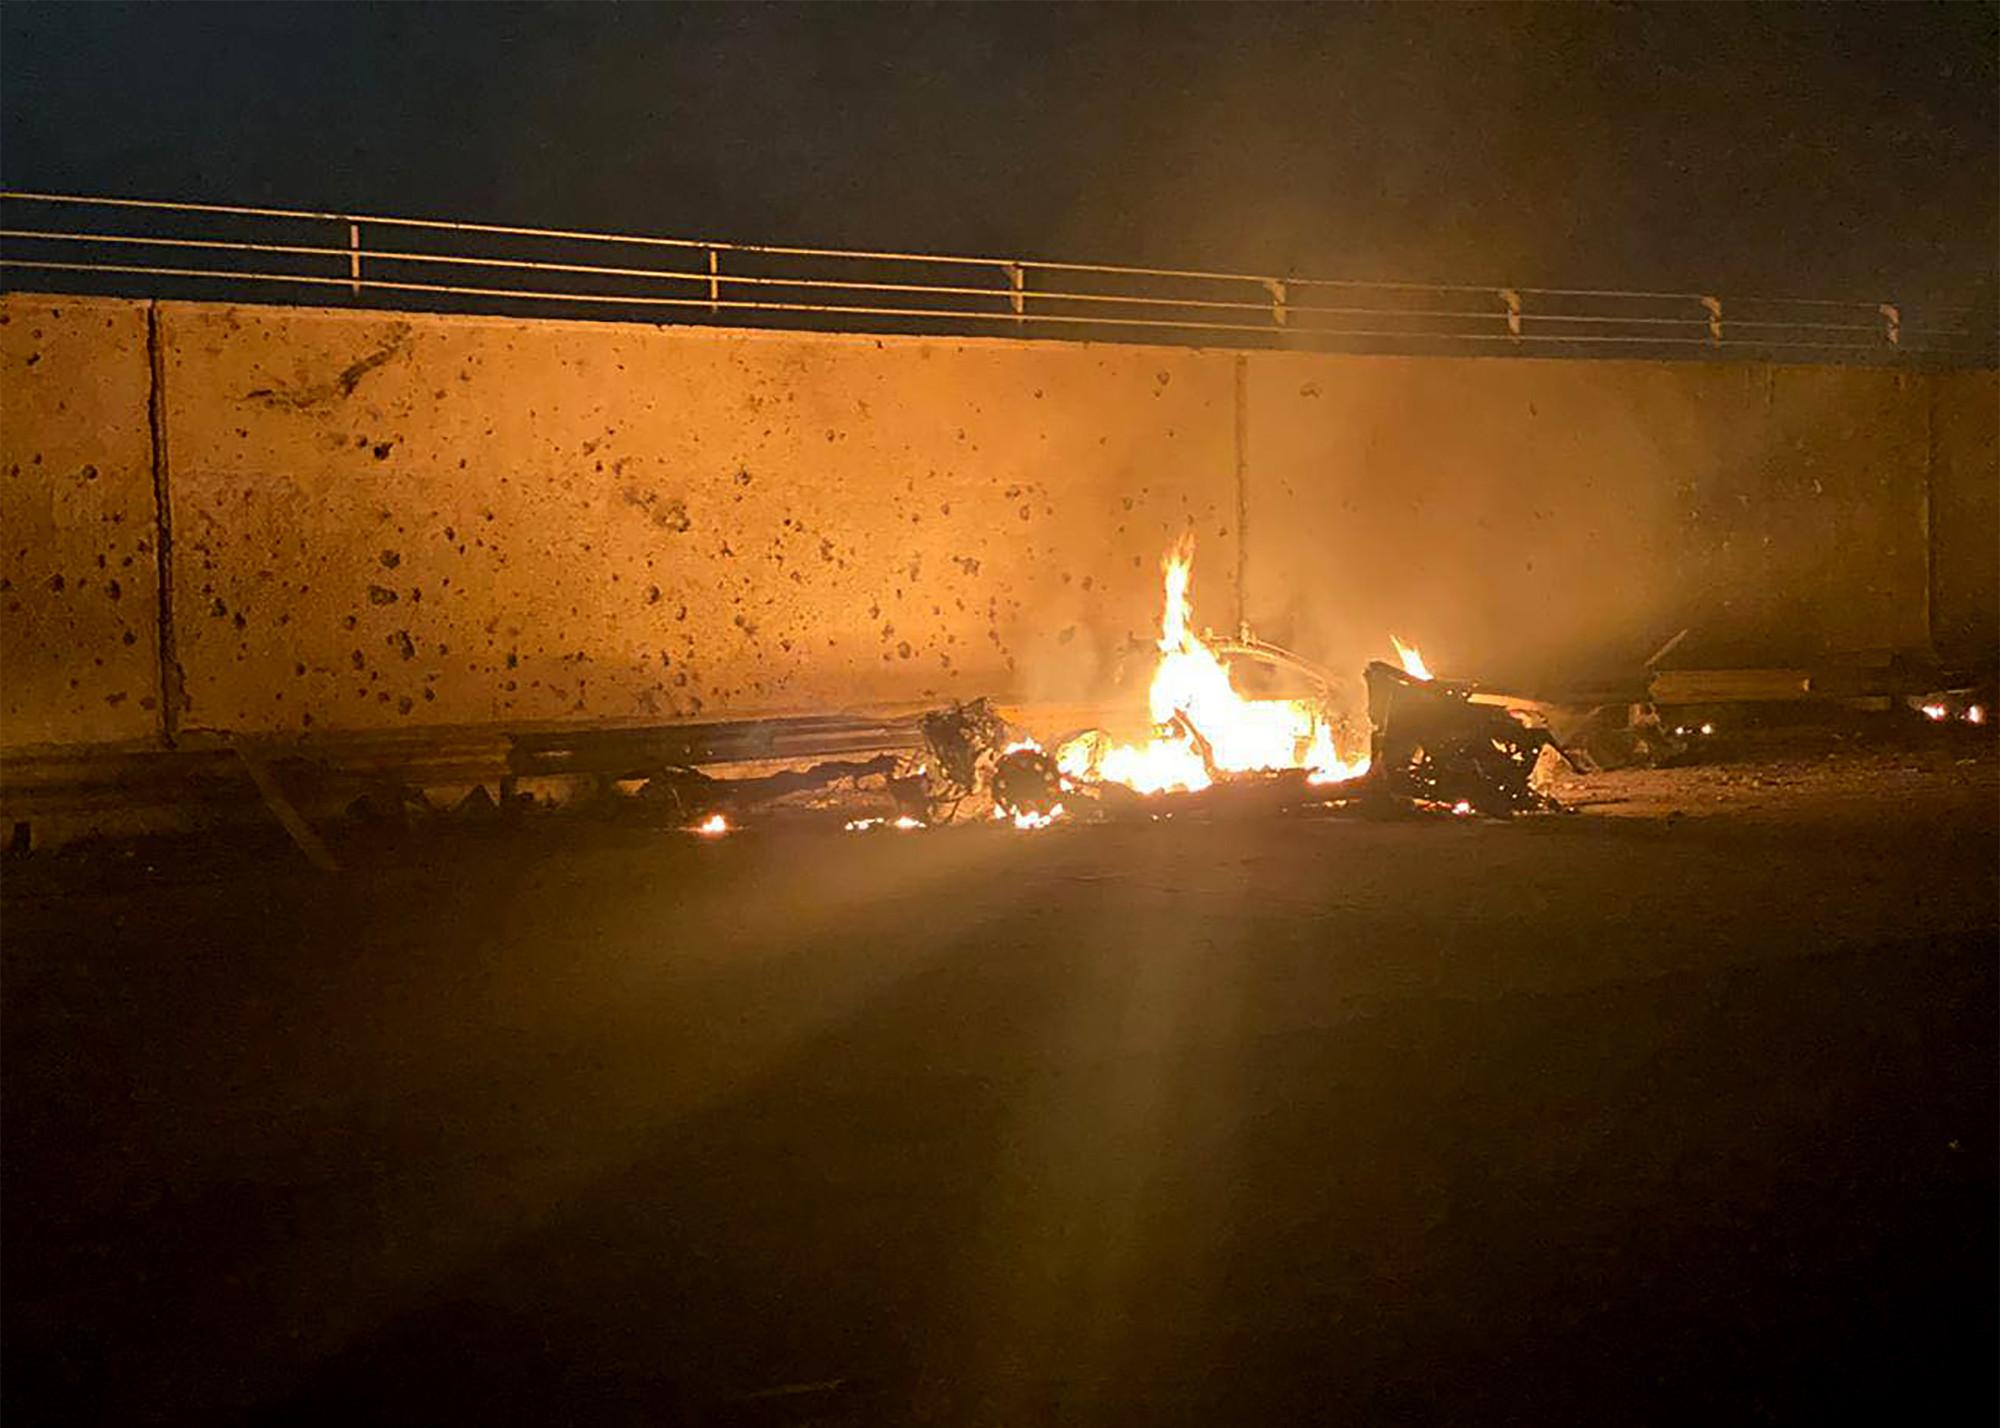 美空襲擊斃伊朗軍官 德英和以色列回應